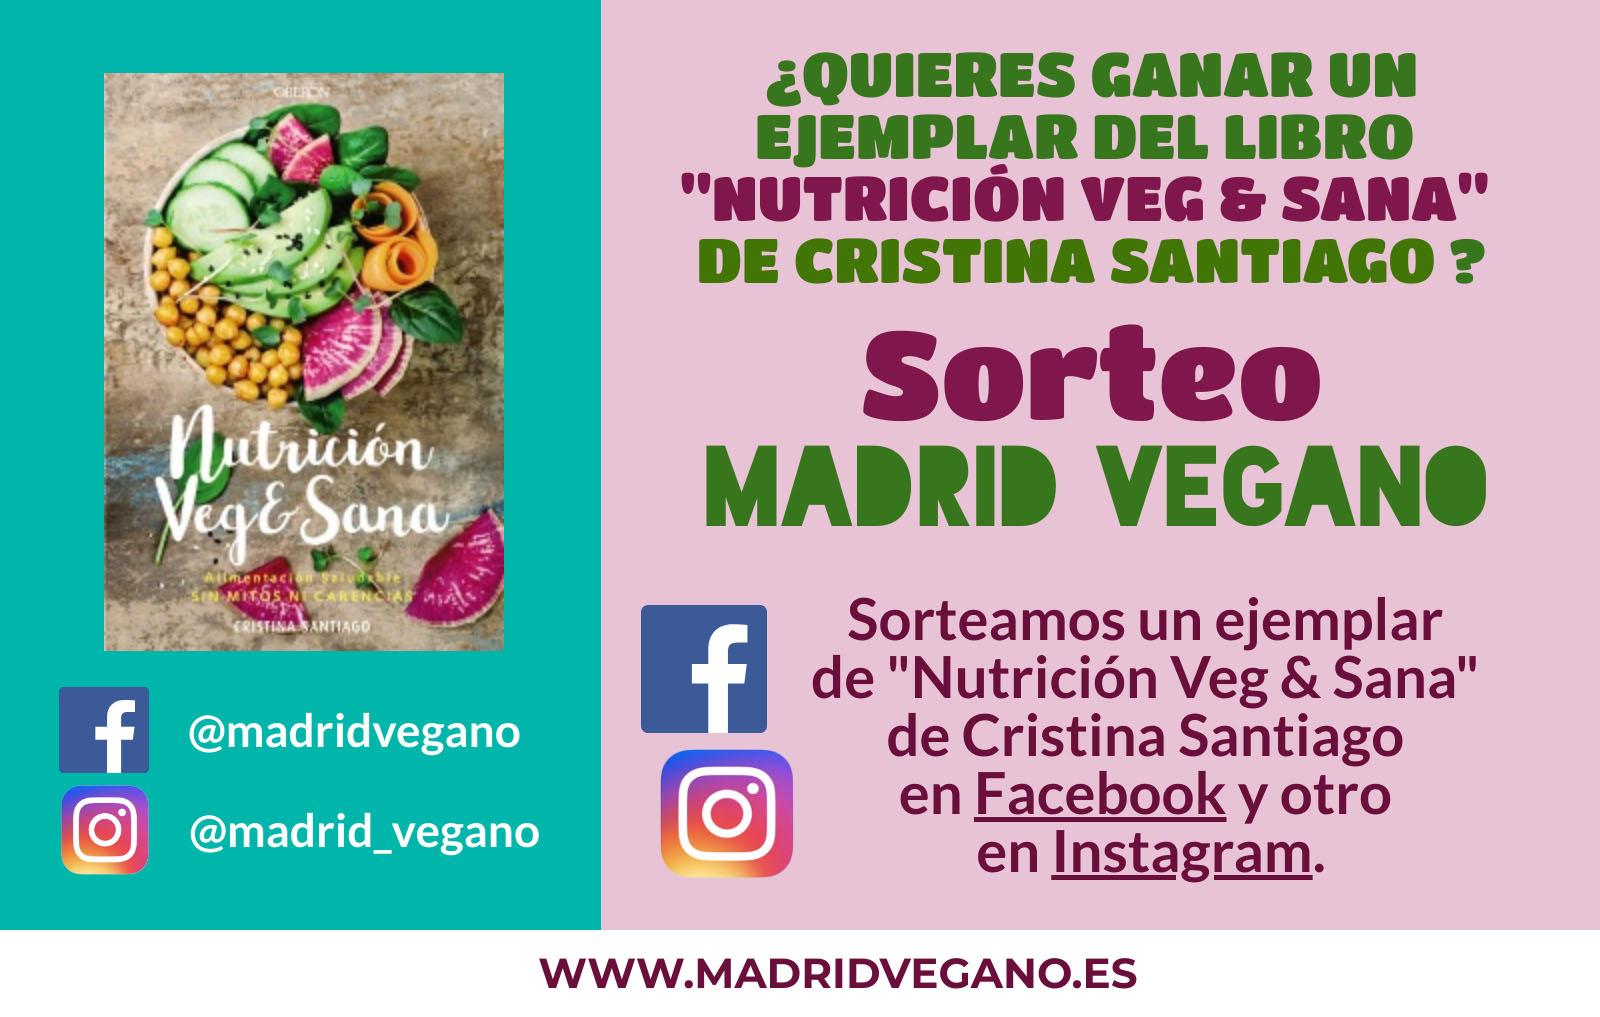 """Sorteo """"Gana un ejemplar del libro Nutrición Veg & Sana"""""""